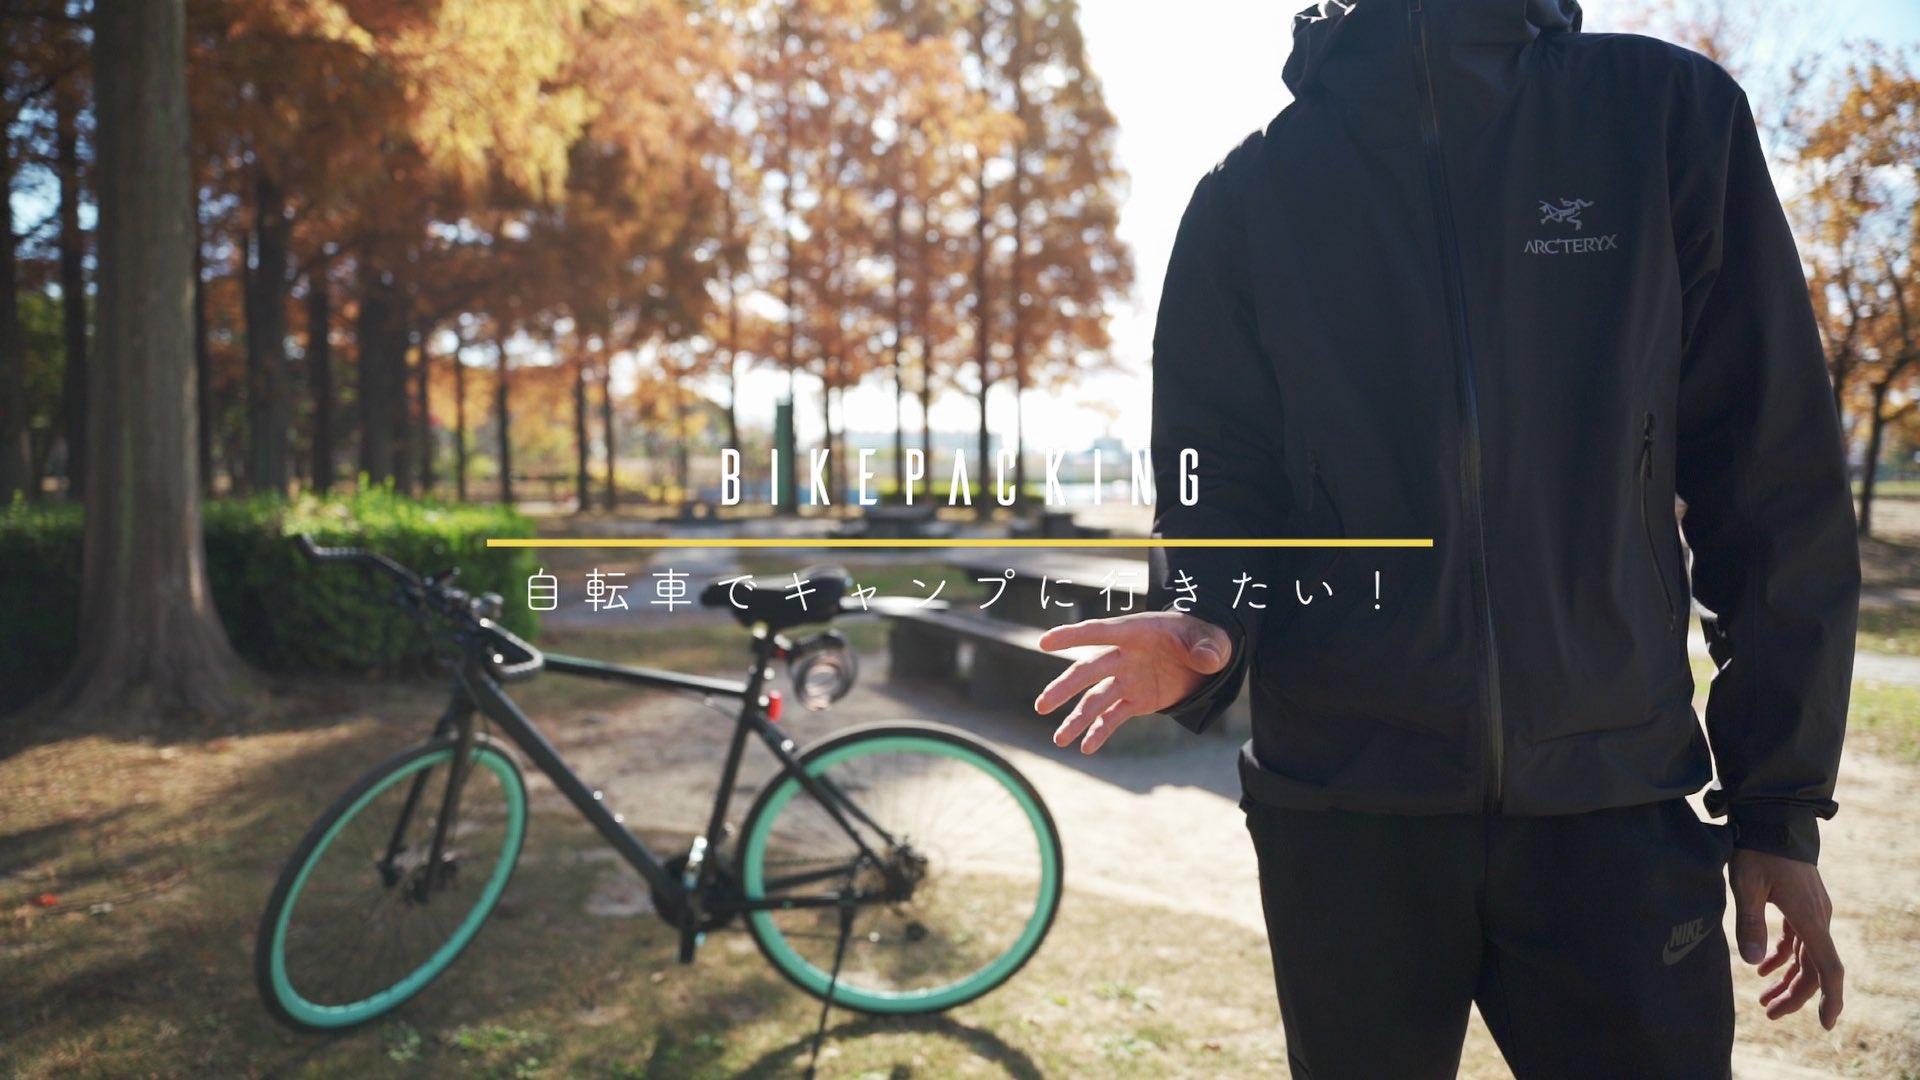 【Youtube】バイクパッキングでキャンプに行きたいっていう話【欲しいロードバイクや装備など】